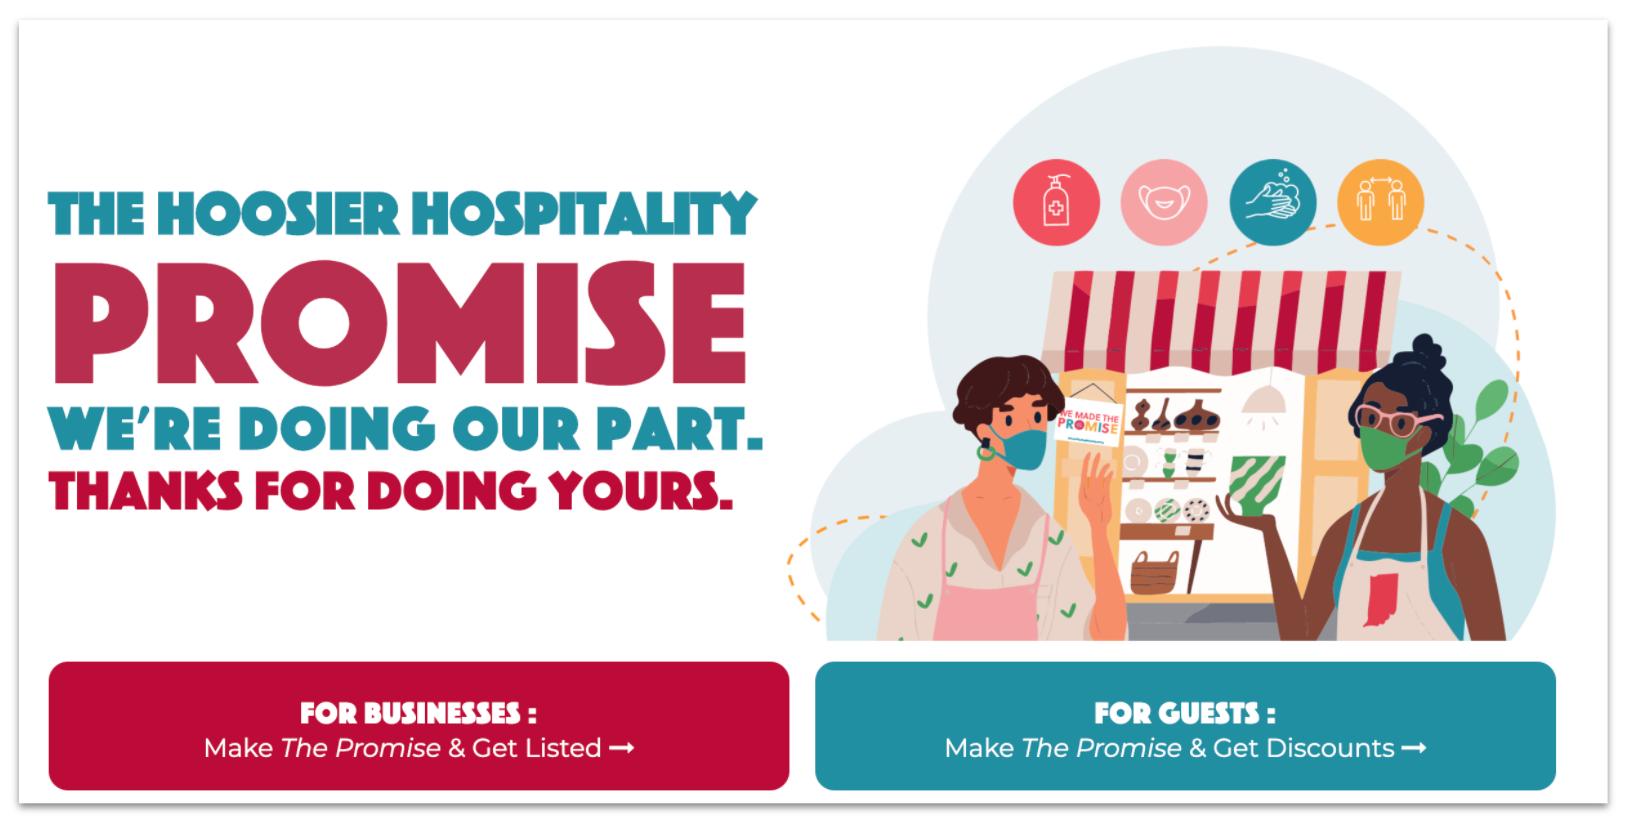 Visit Indiana hospitality promise